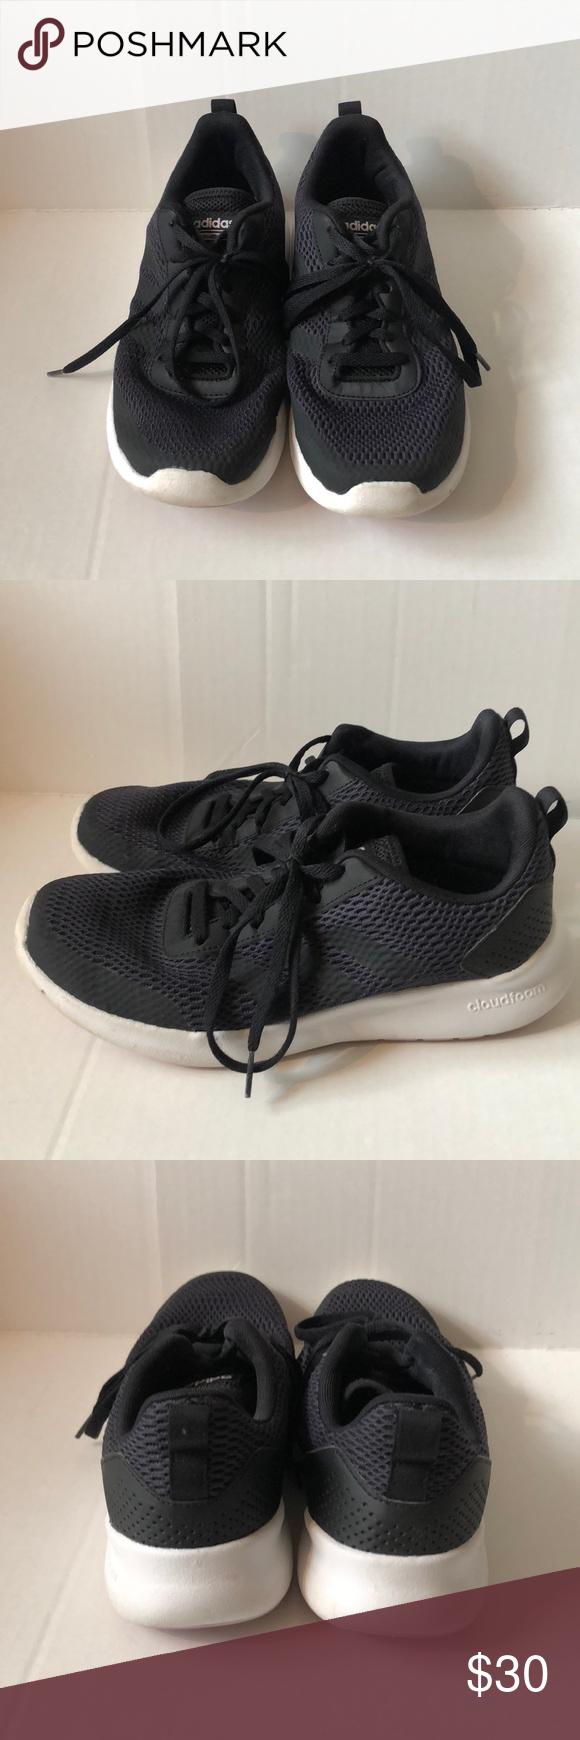 Adidas Ortholite Cloud Foam | All black